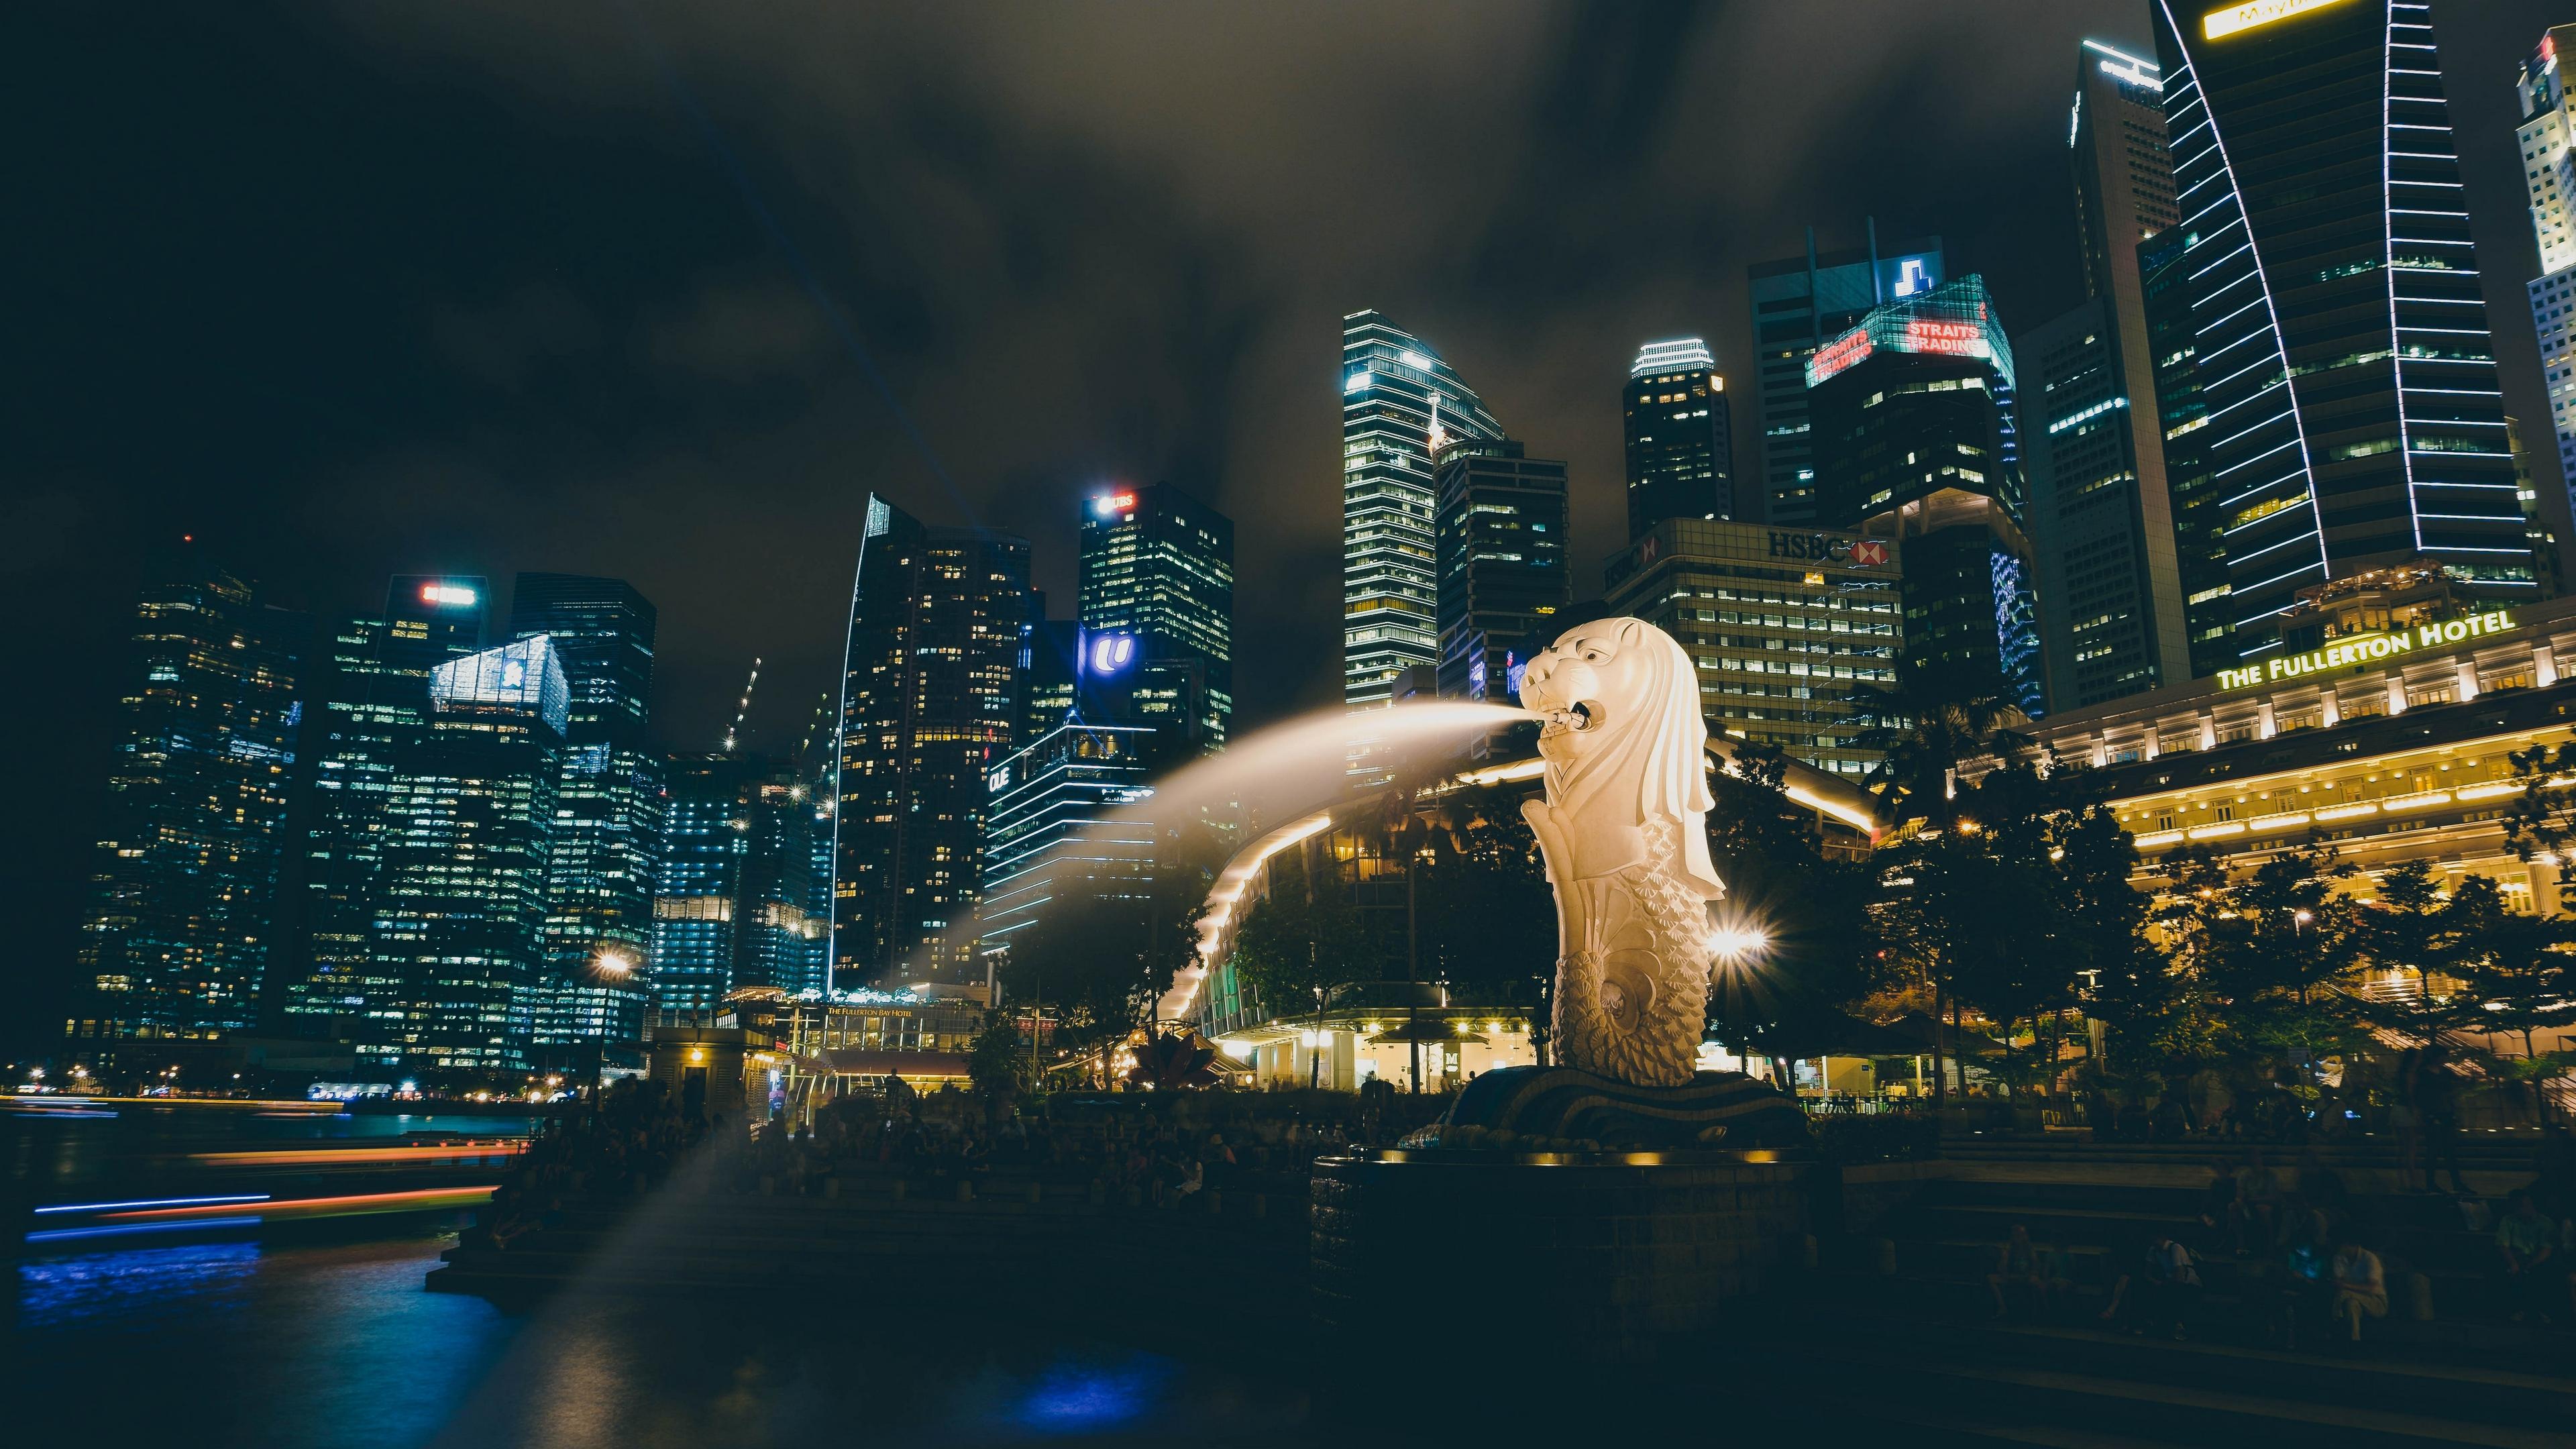 singapore fountain skyscrapers 4k 1538064993 - singapore, fountain, skyscrapers 4k - Skyscrapers, Singapore, Fountain